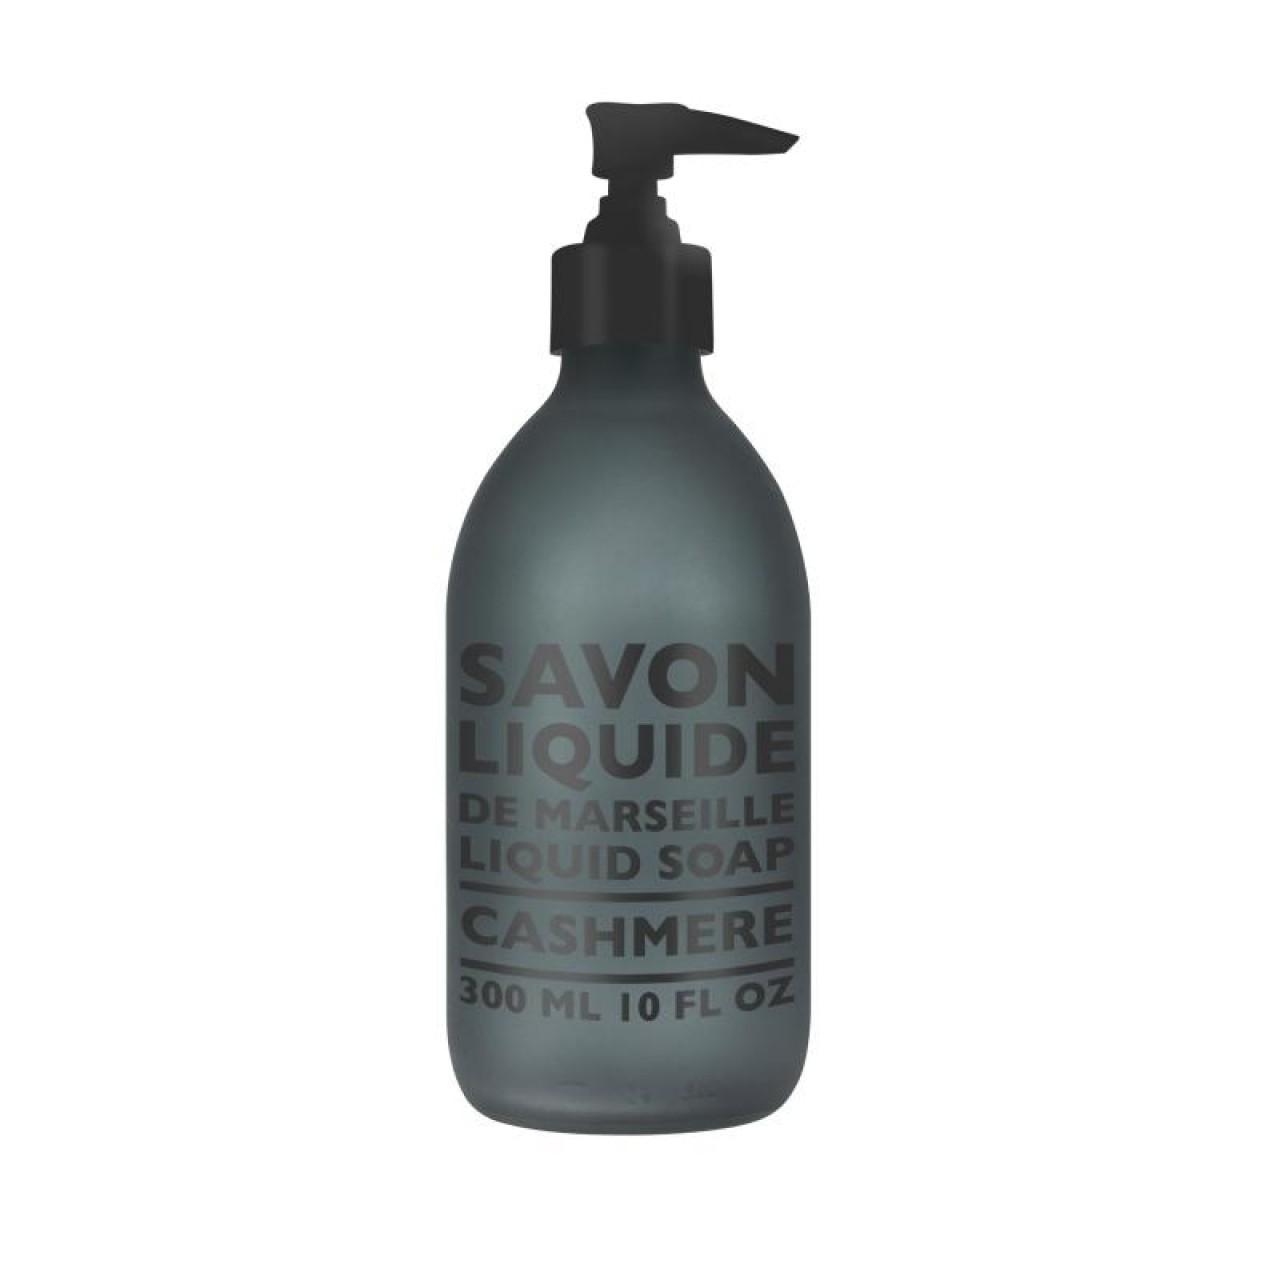 Sapone Liquido di Marsiglia Cashmere 300ml Compagnie de Provence Italia CPPF0112SL300CS-01